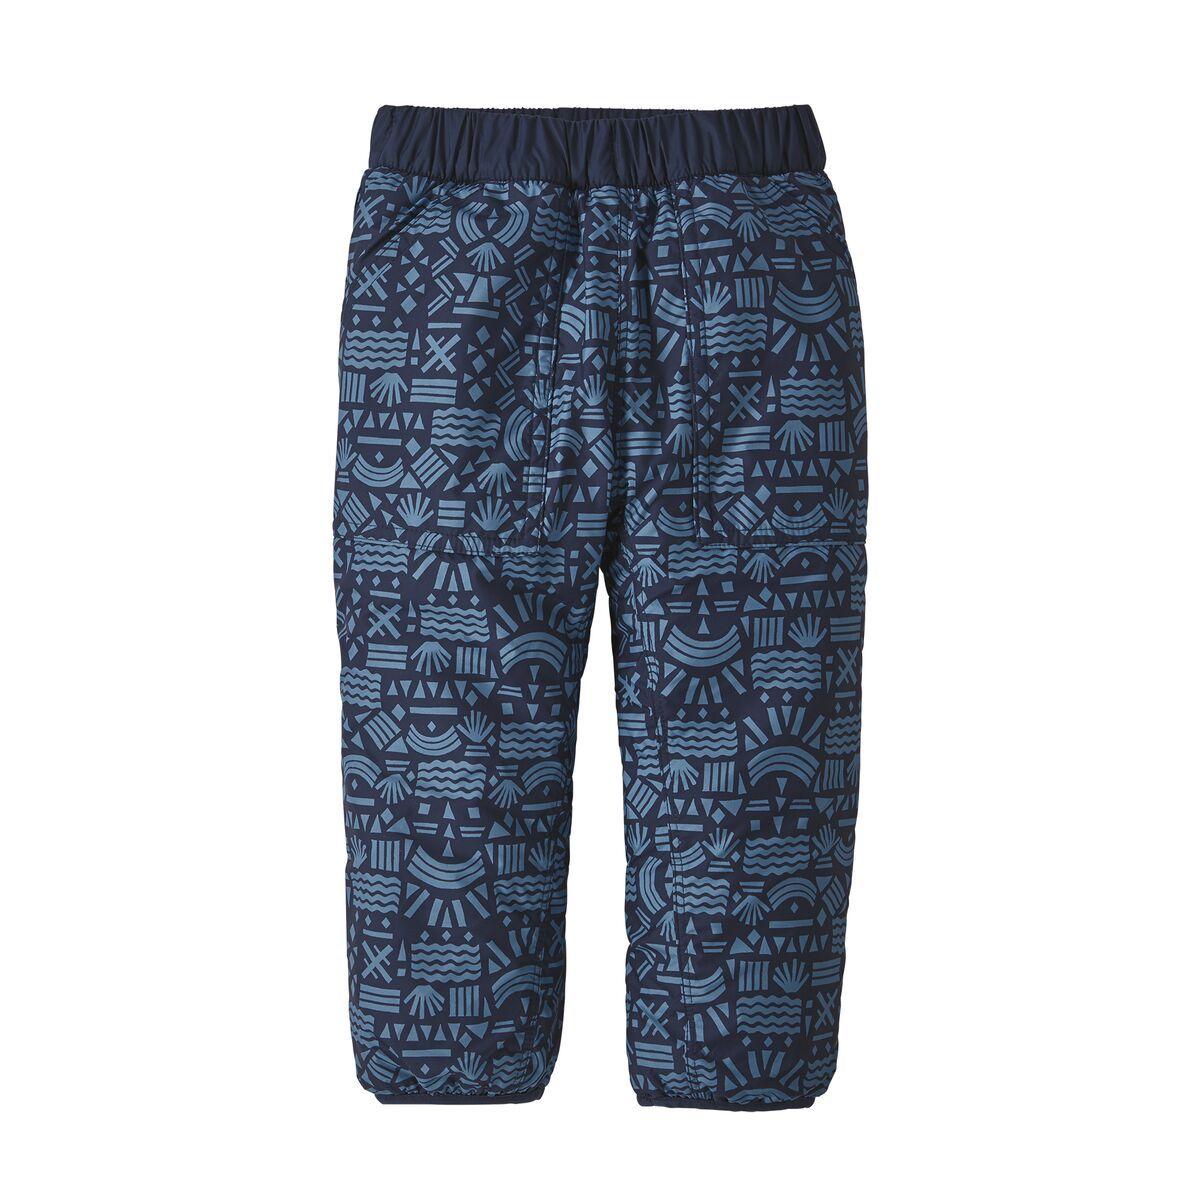 usa cheap sale performance sportswear los angeles Baby Reversible Tribbles Pants | Ski pants, Pants, Fashion